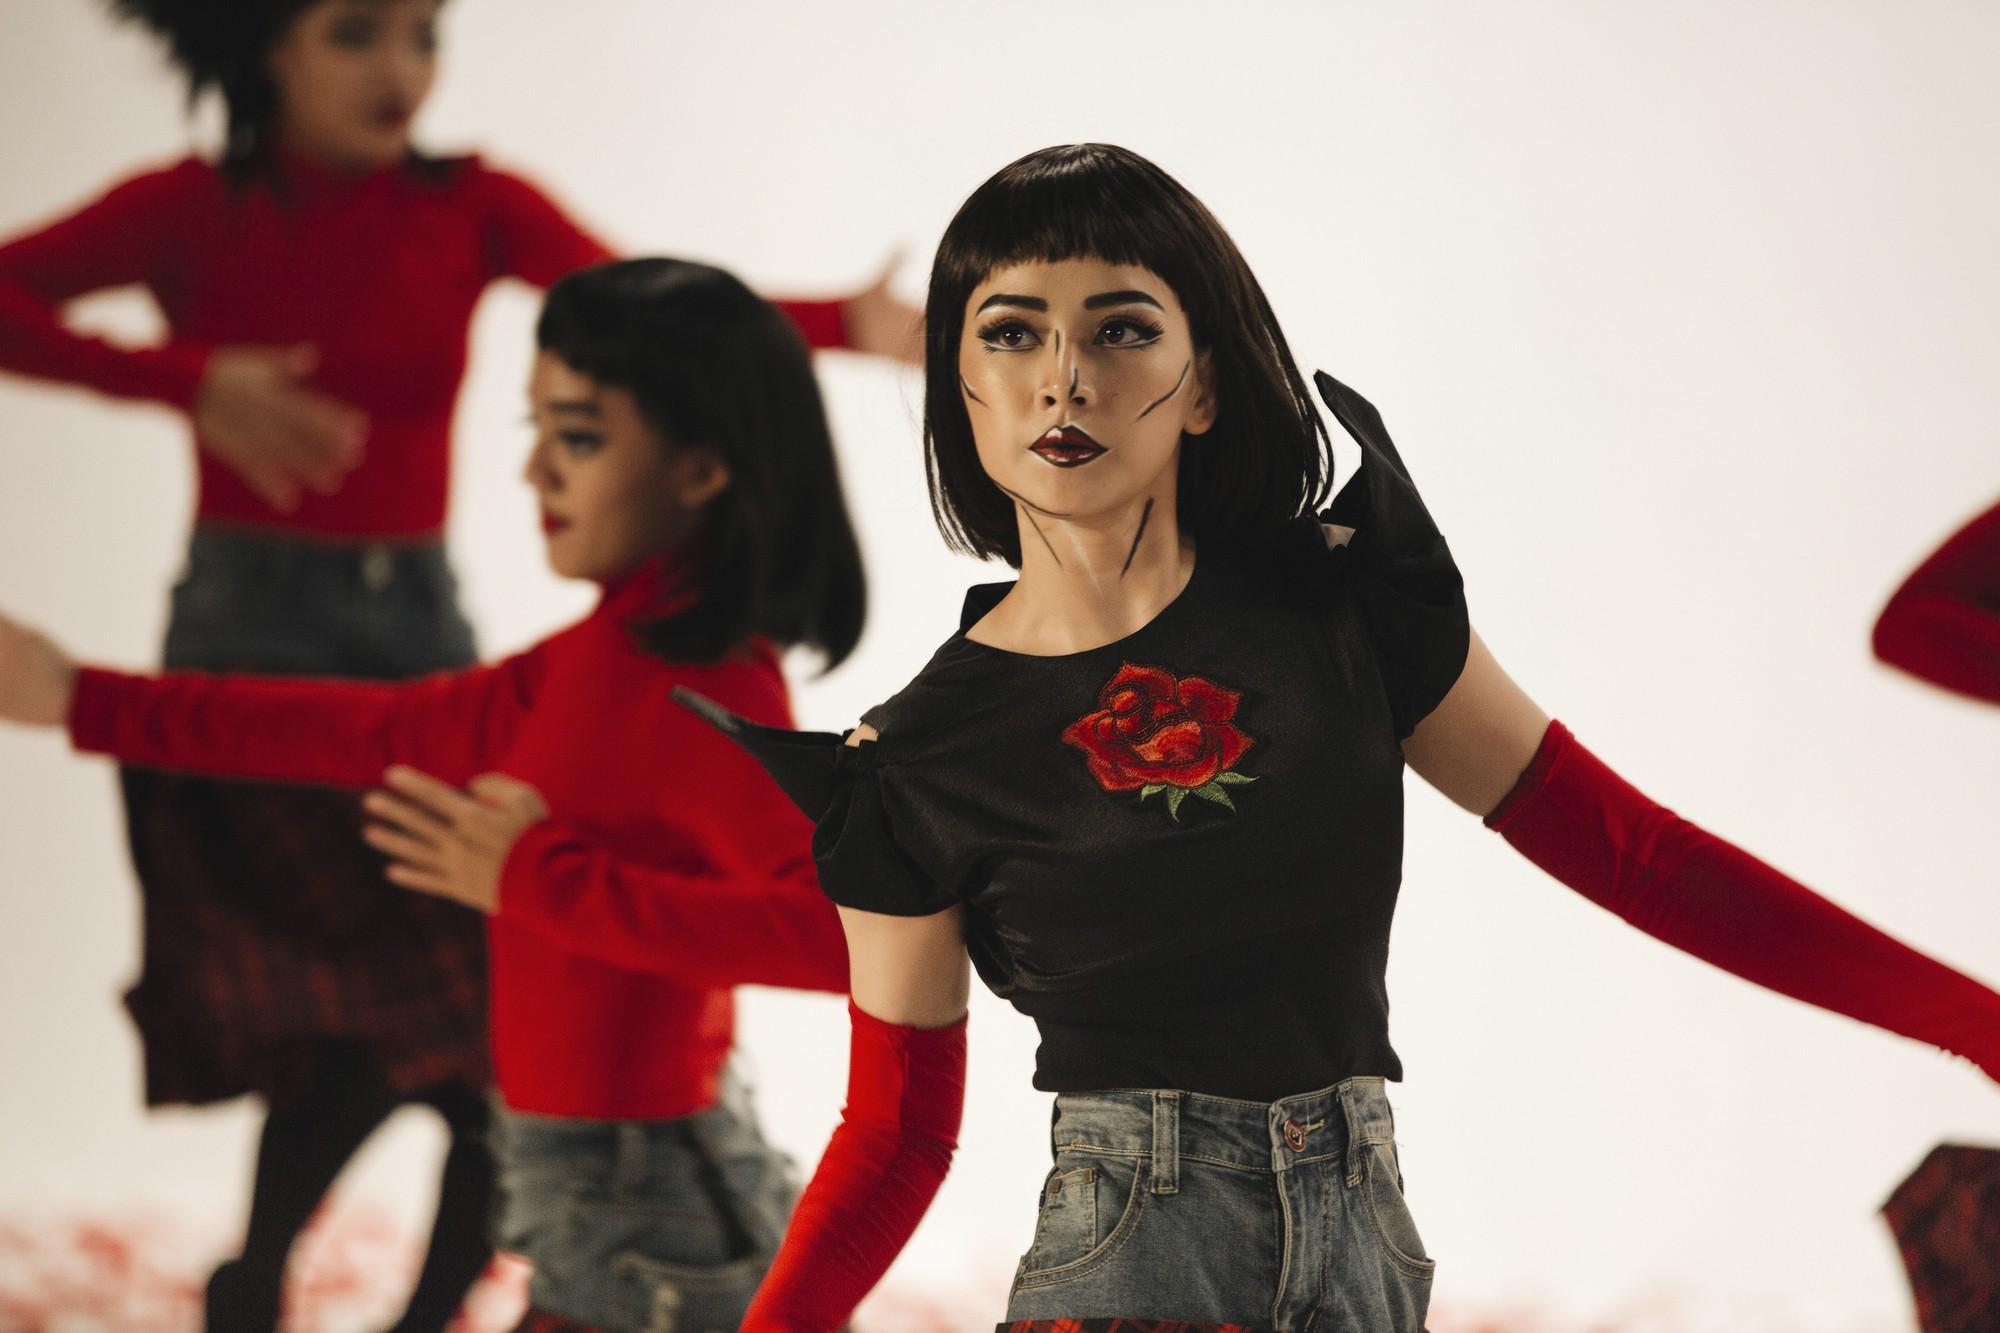 Chi Pu tung MV Dance lạ mắt với vũ đạo độc đáo, thực hiện 2 phiên bản cho sản phẩm trở lại - Ảnh 4.